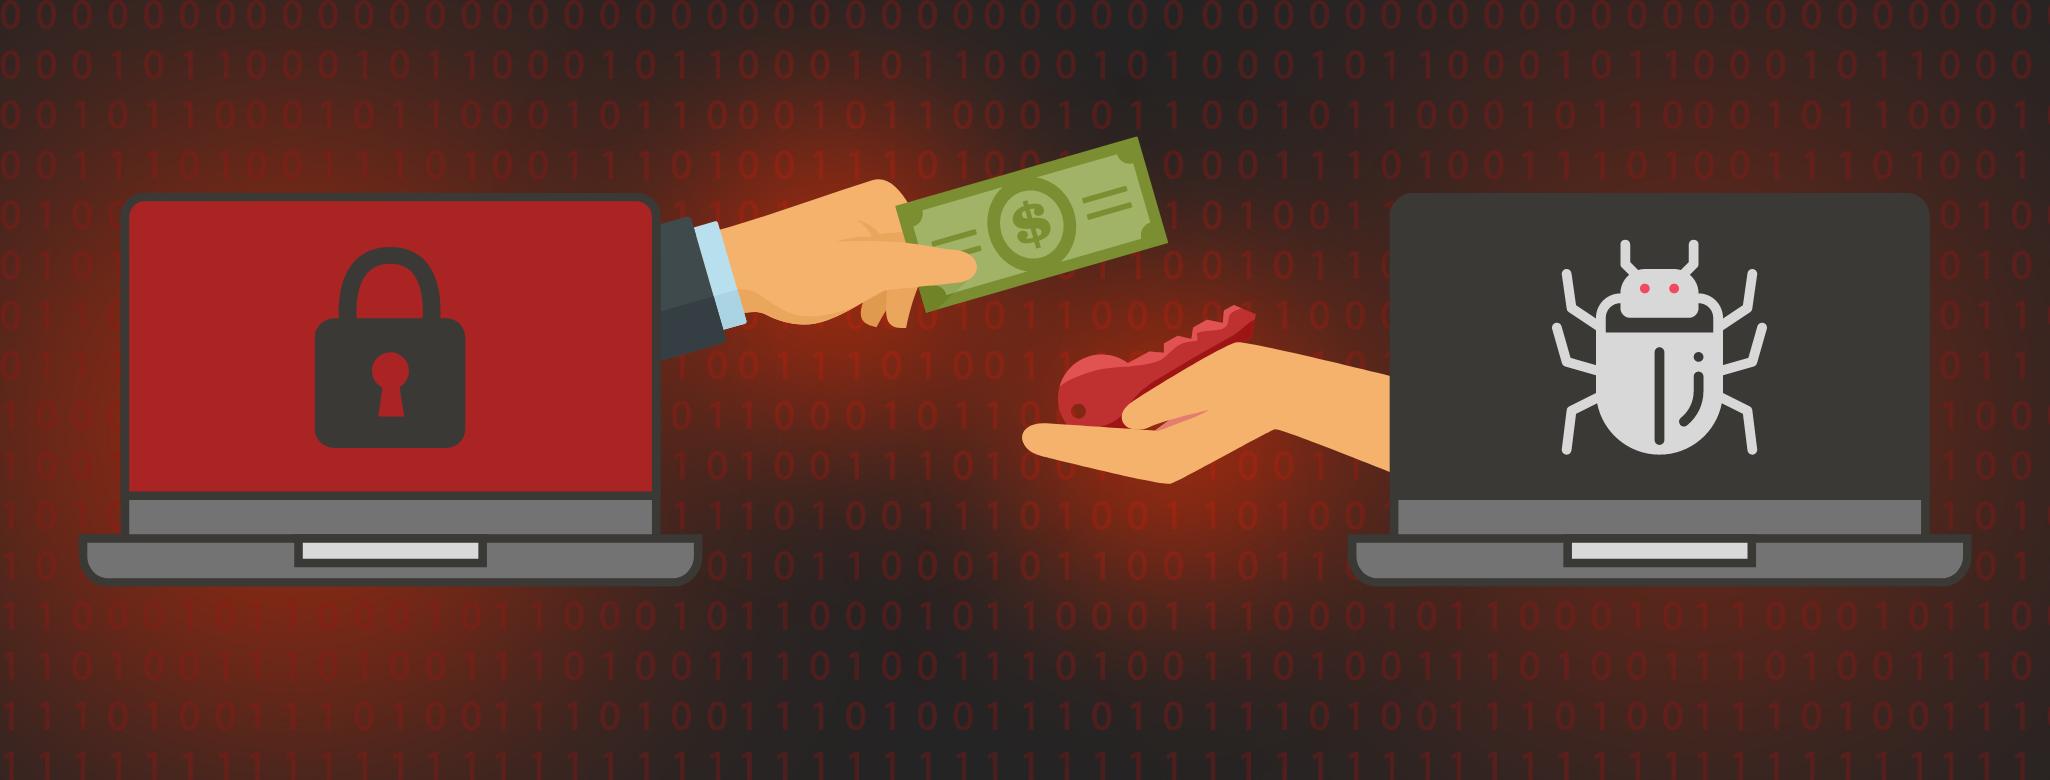 В первой половине 2021 года вымогатели в США провели транзакции на сумму в $590 млн